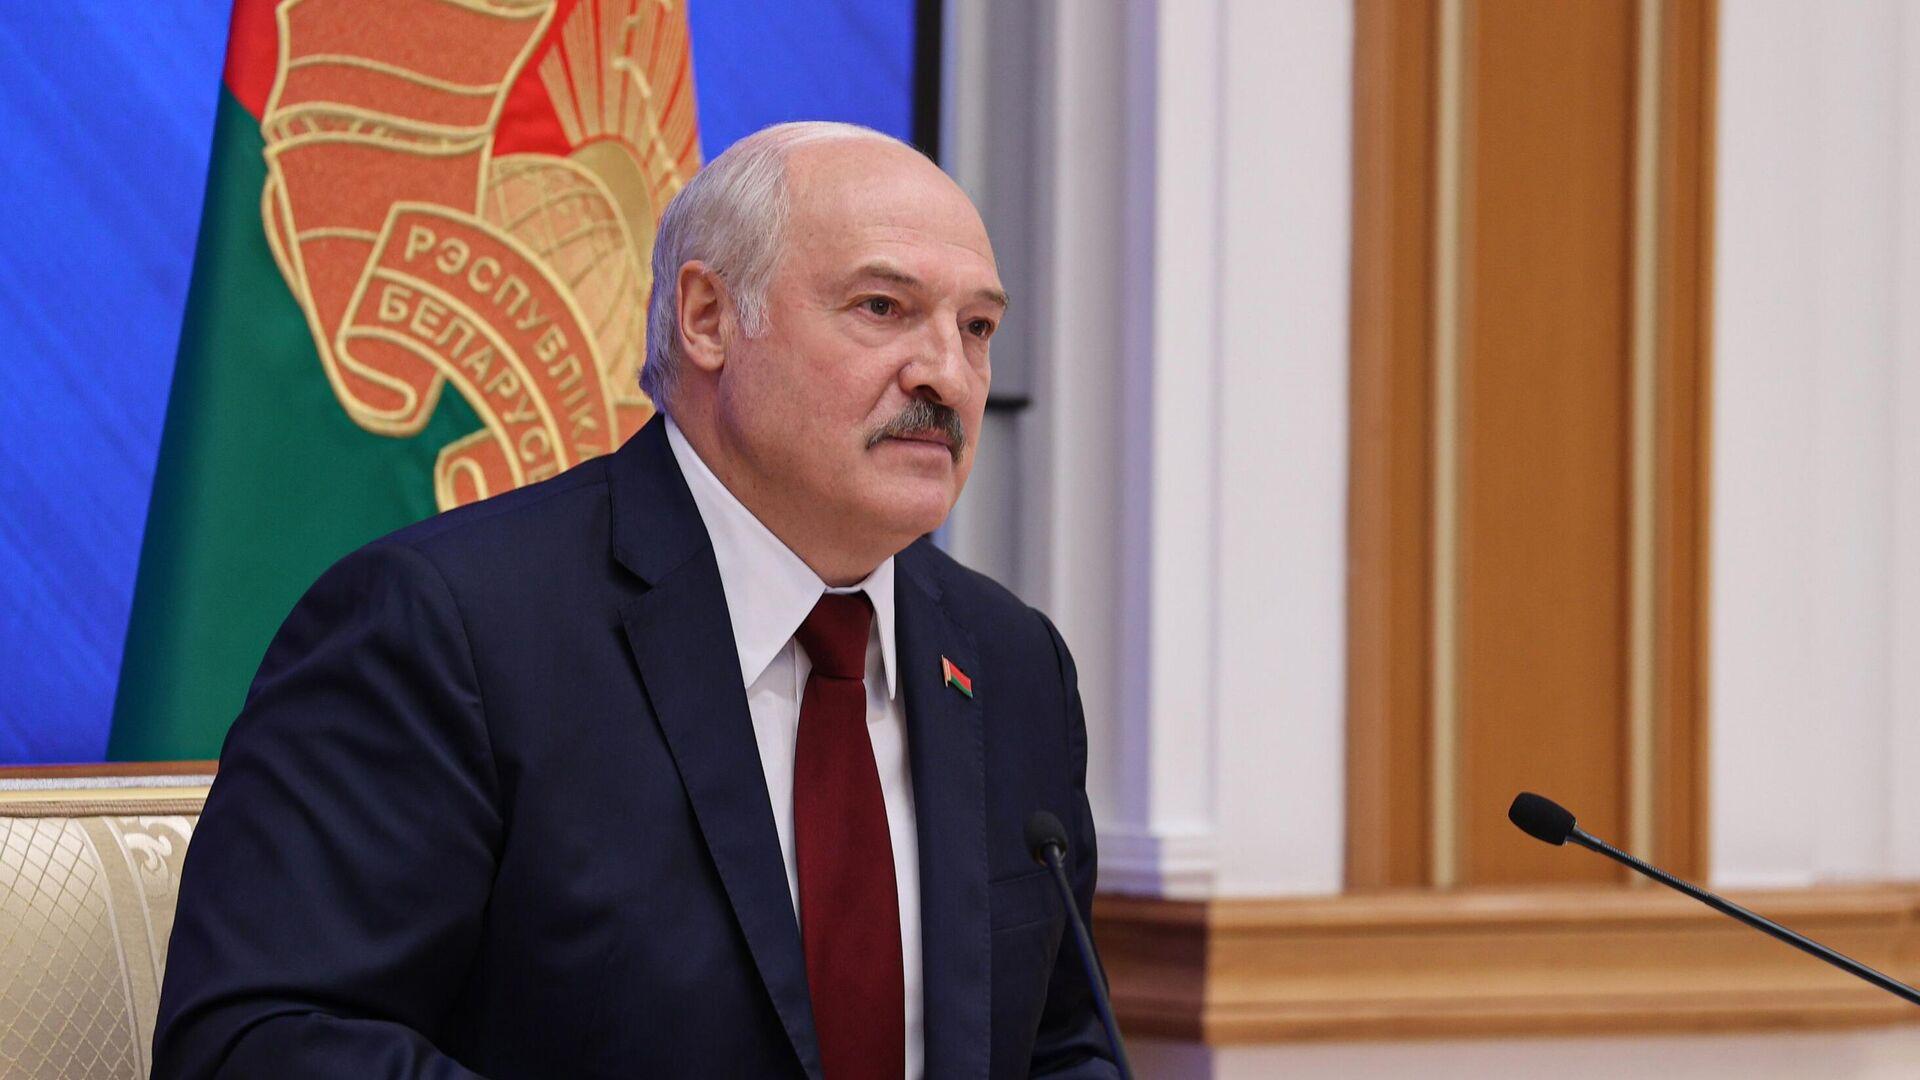 Лукашенко описал, как видит смену власти в Белоруссии